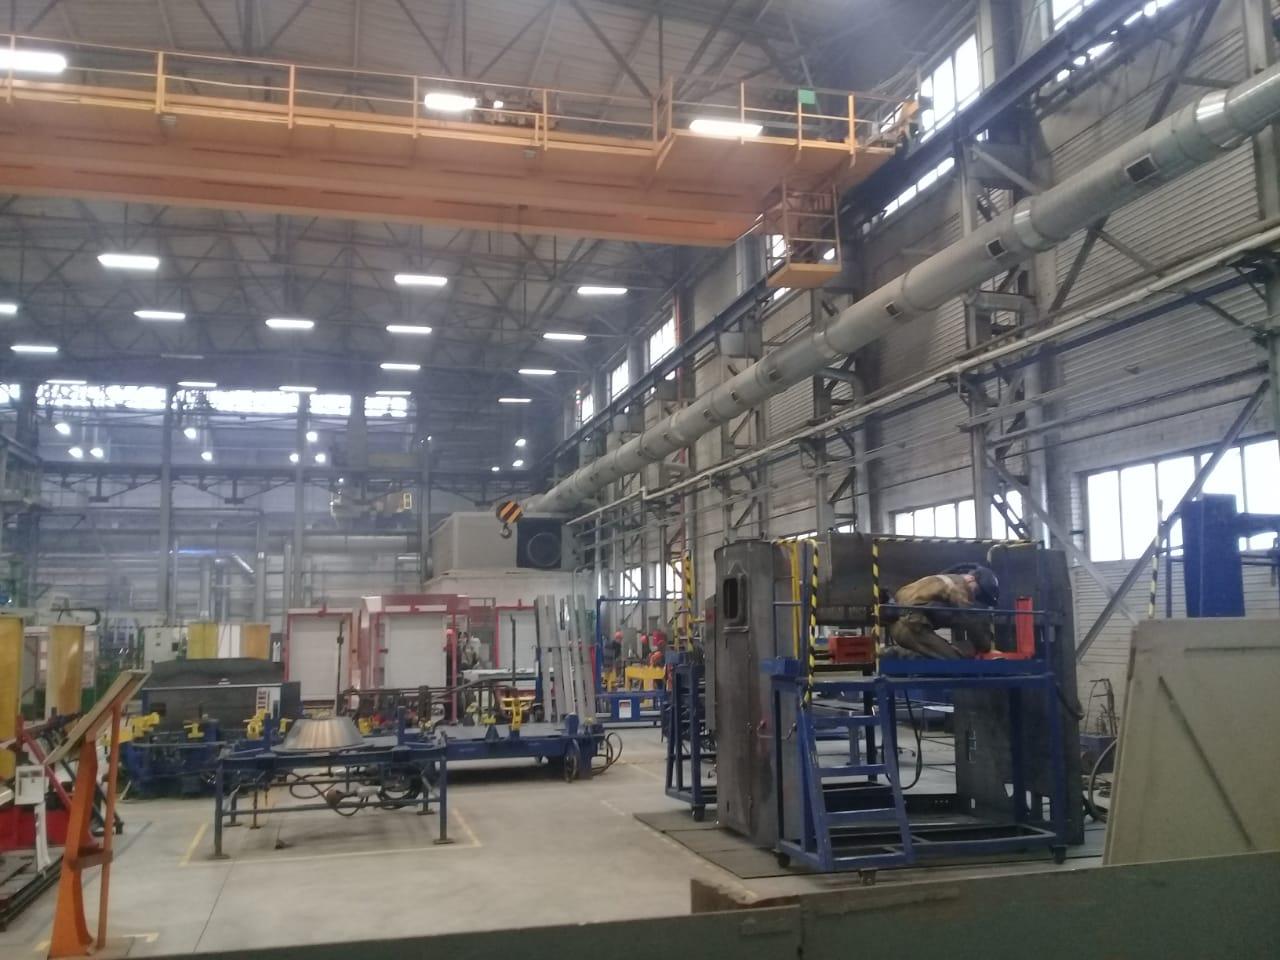 جولة لليوم السابع بمصنع جرارات السكة الحديد الروسى (40)